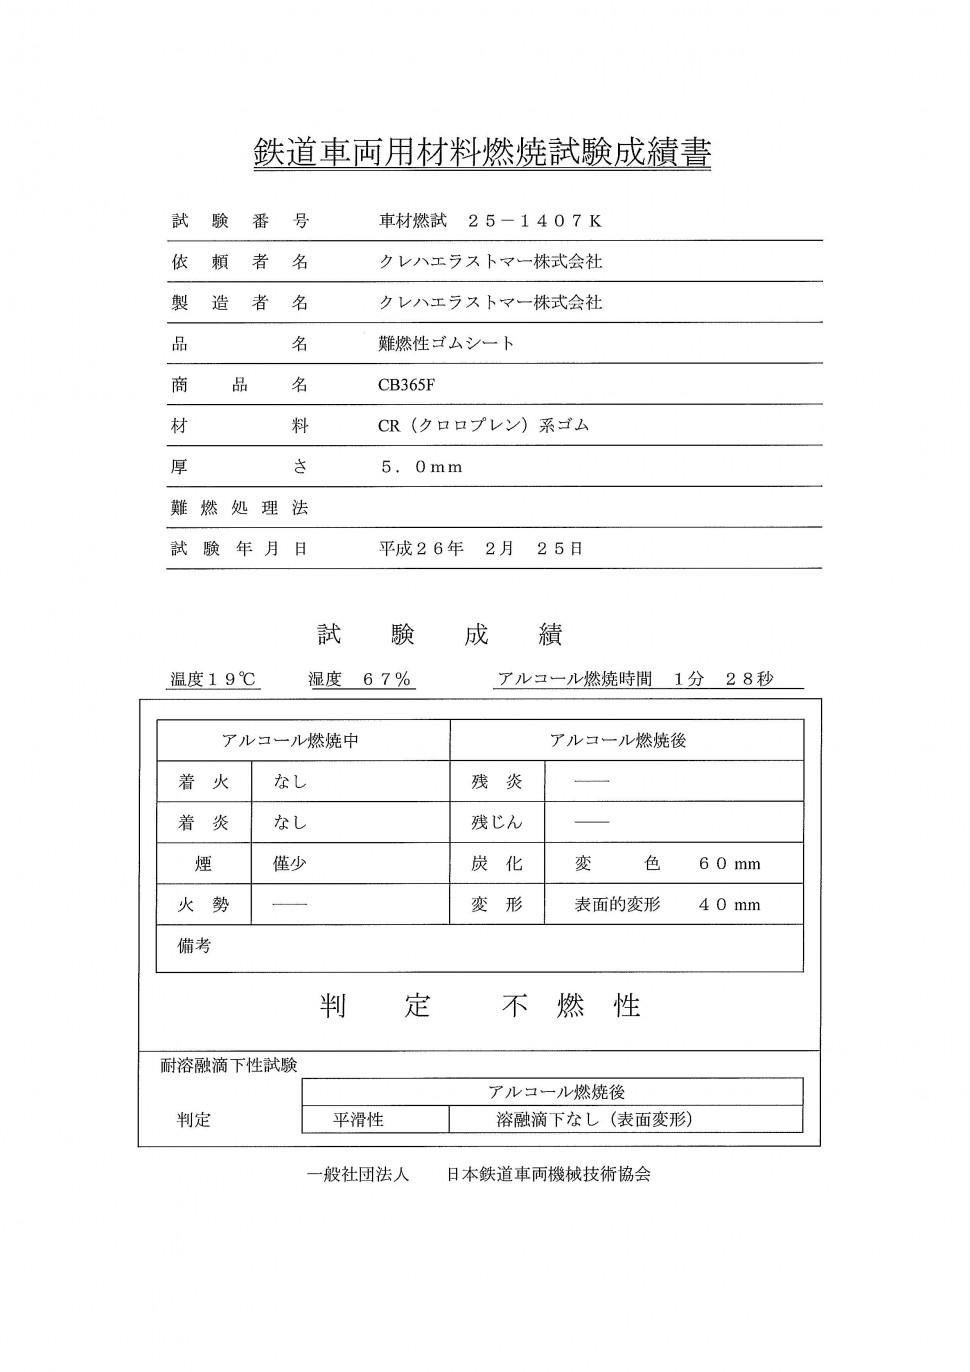 鉄道車両用材料燃焼試験成績書